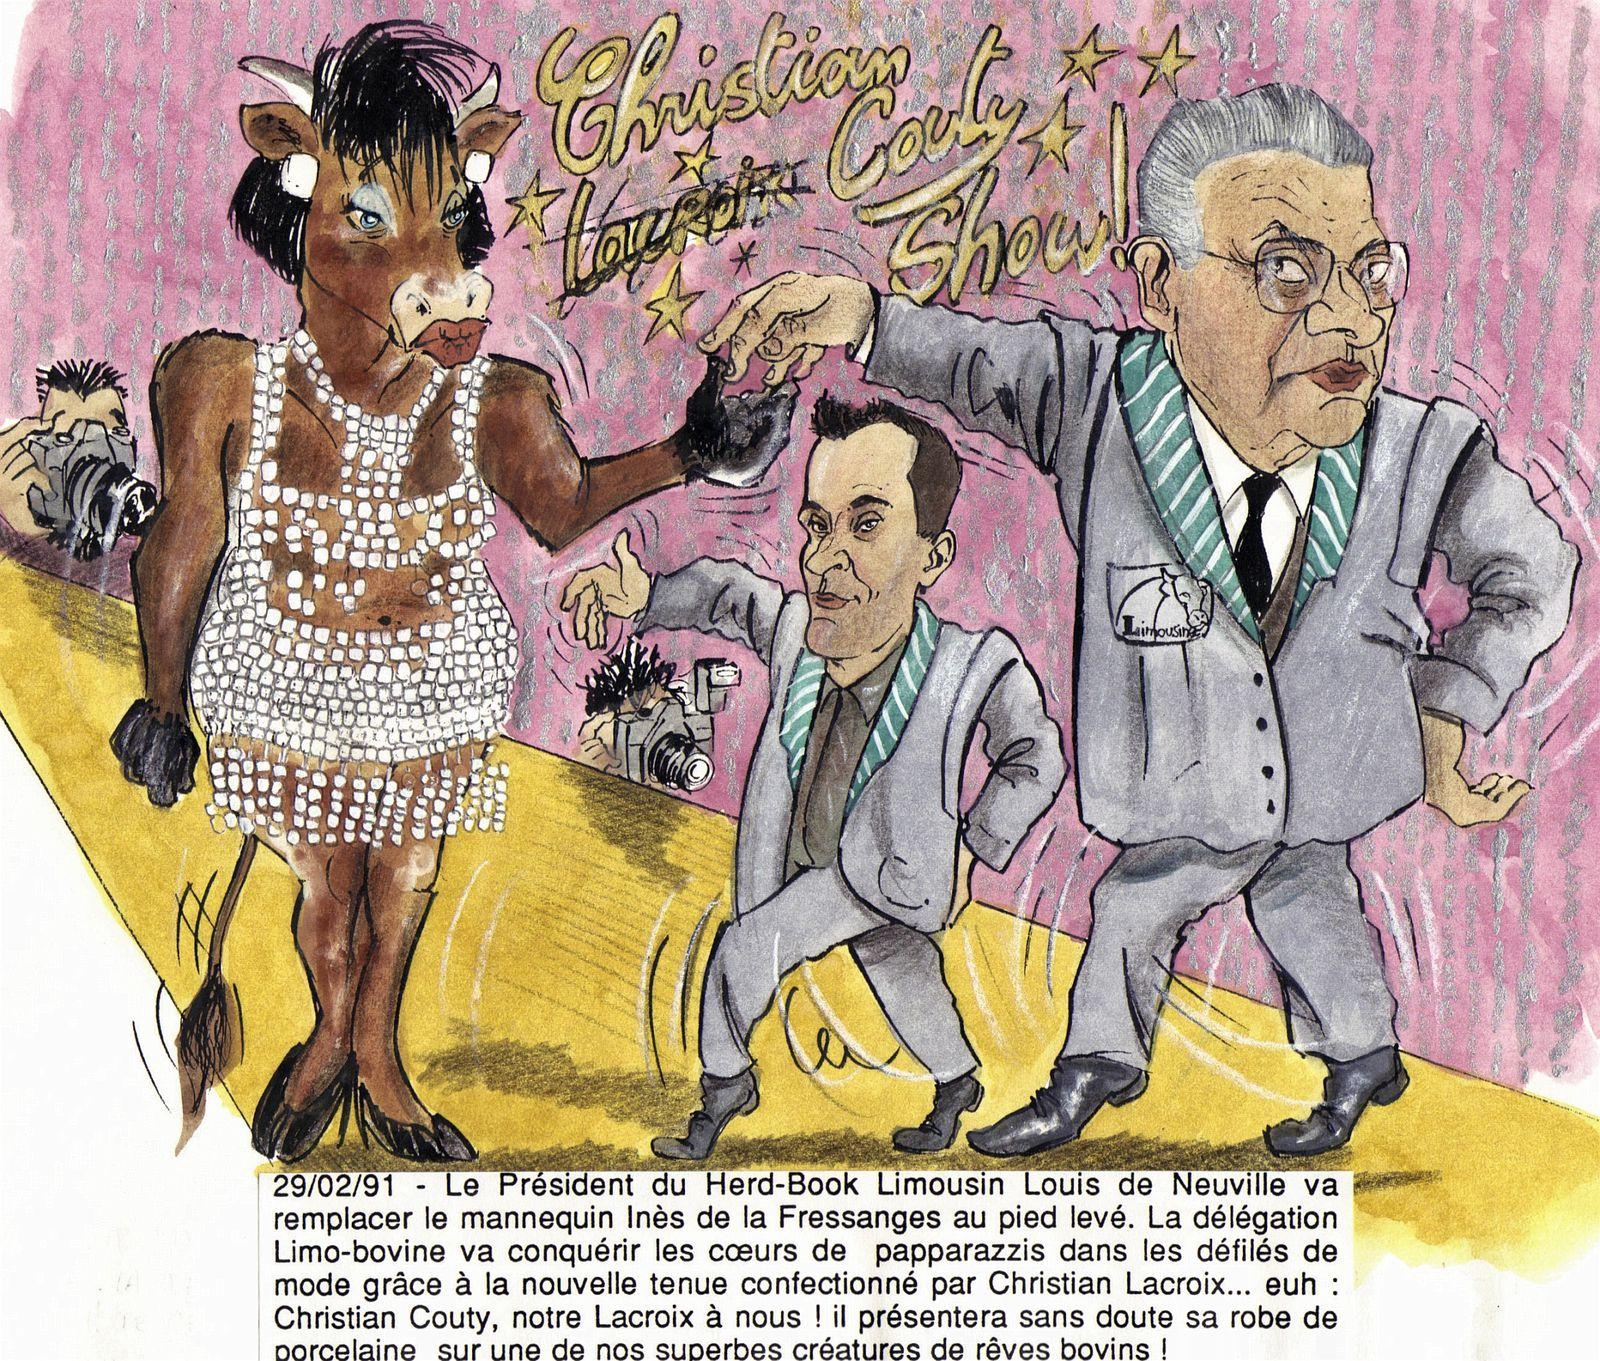 février 91 le défilé de Christian Couty avec une belle l